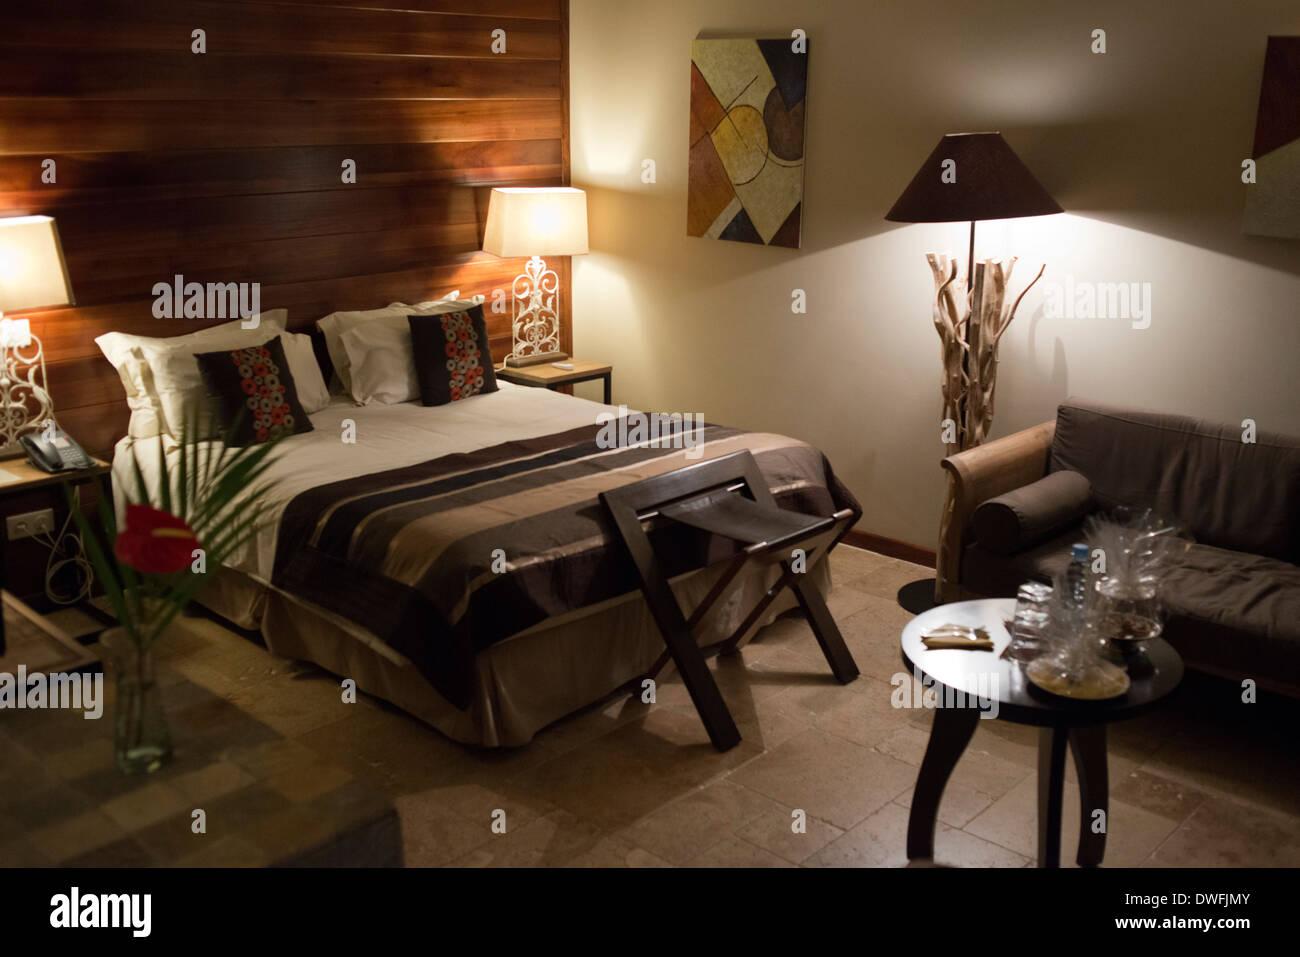 Inerior camere di Hotel Diana Dea Lodg. Gli ospiti possono gustare cocktail e pasti in una magnifica casa di campagna, 600 metri di altezza Immagini Stock